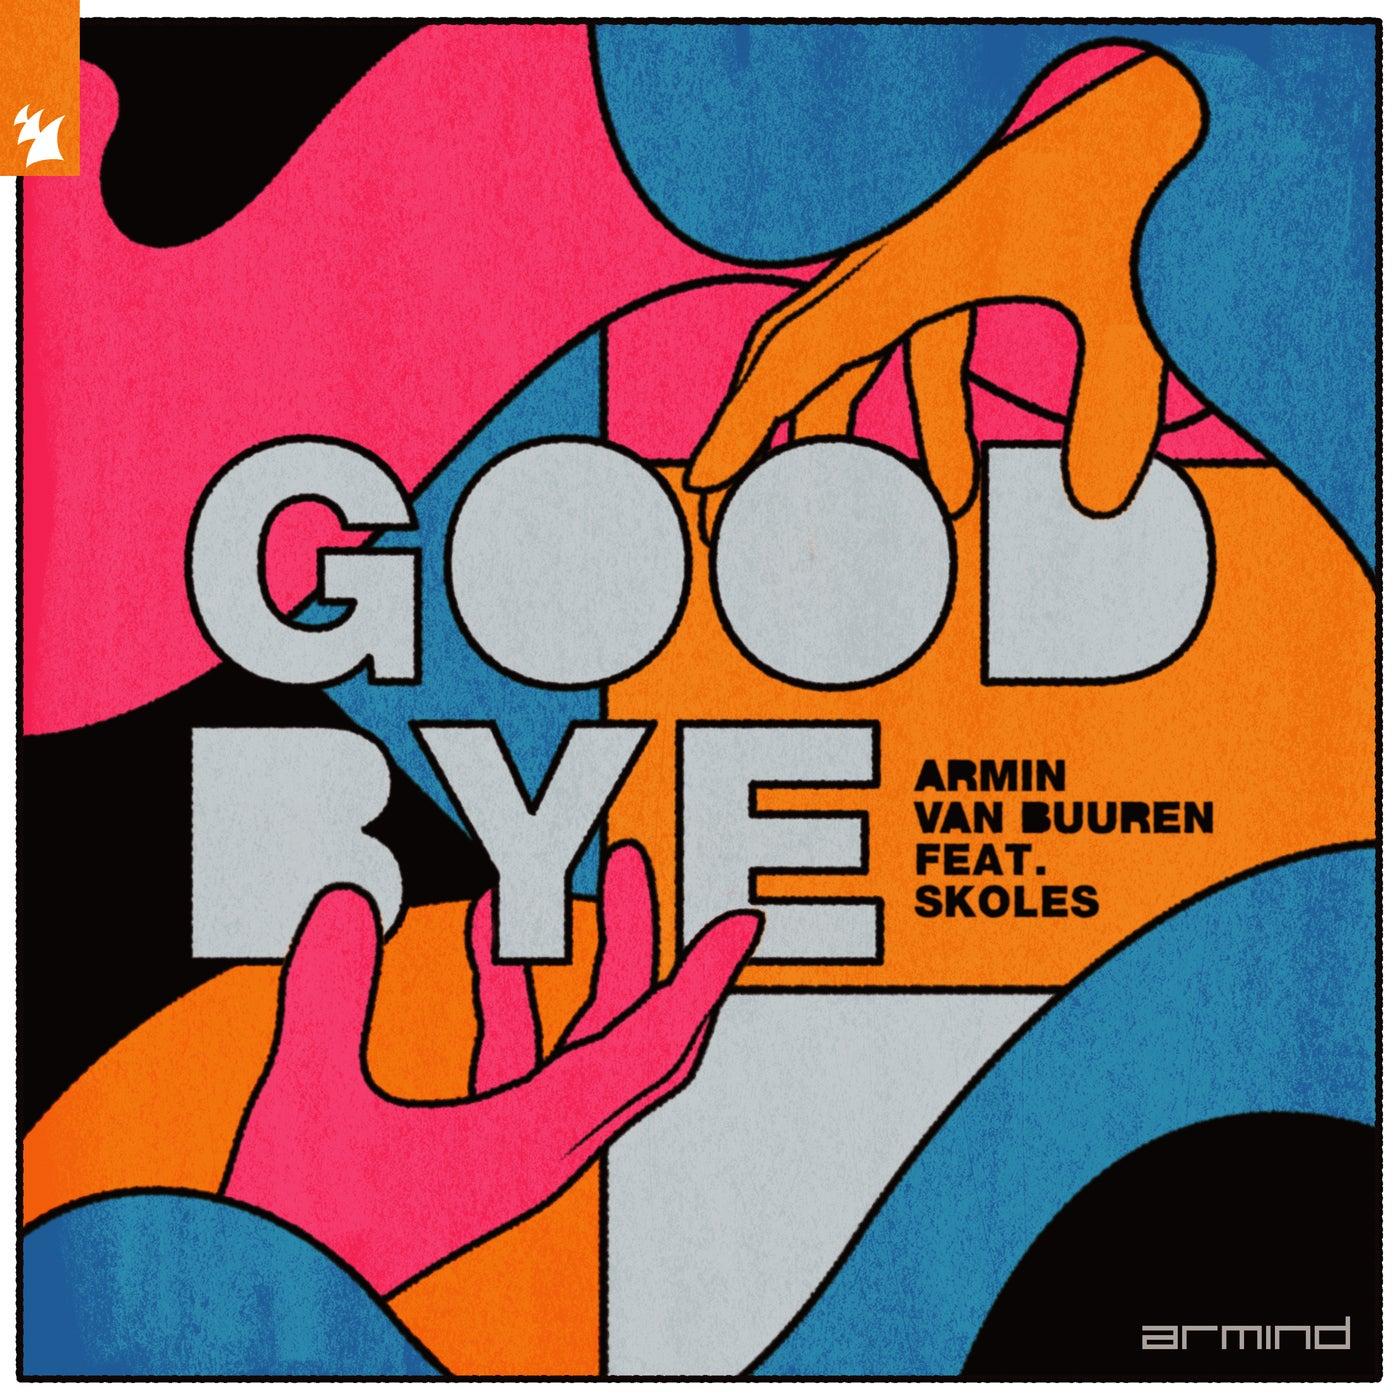 Goodbye feat. SKOLES (Extended Mix)